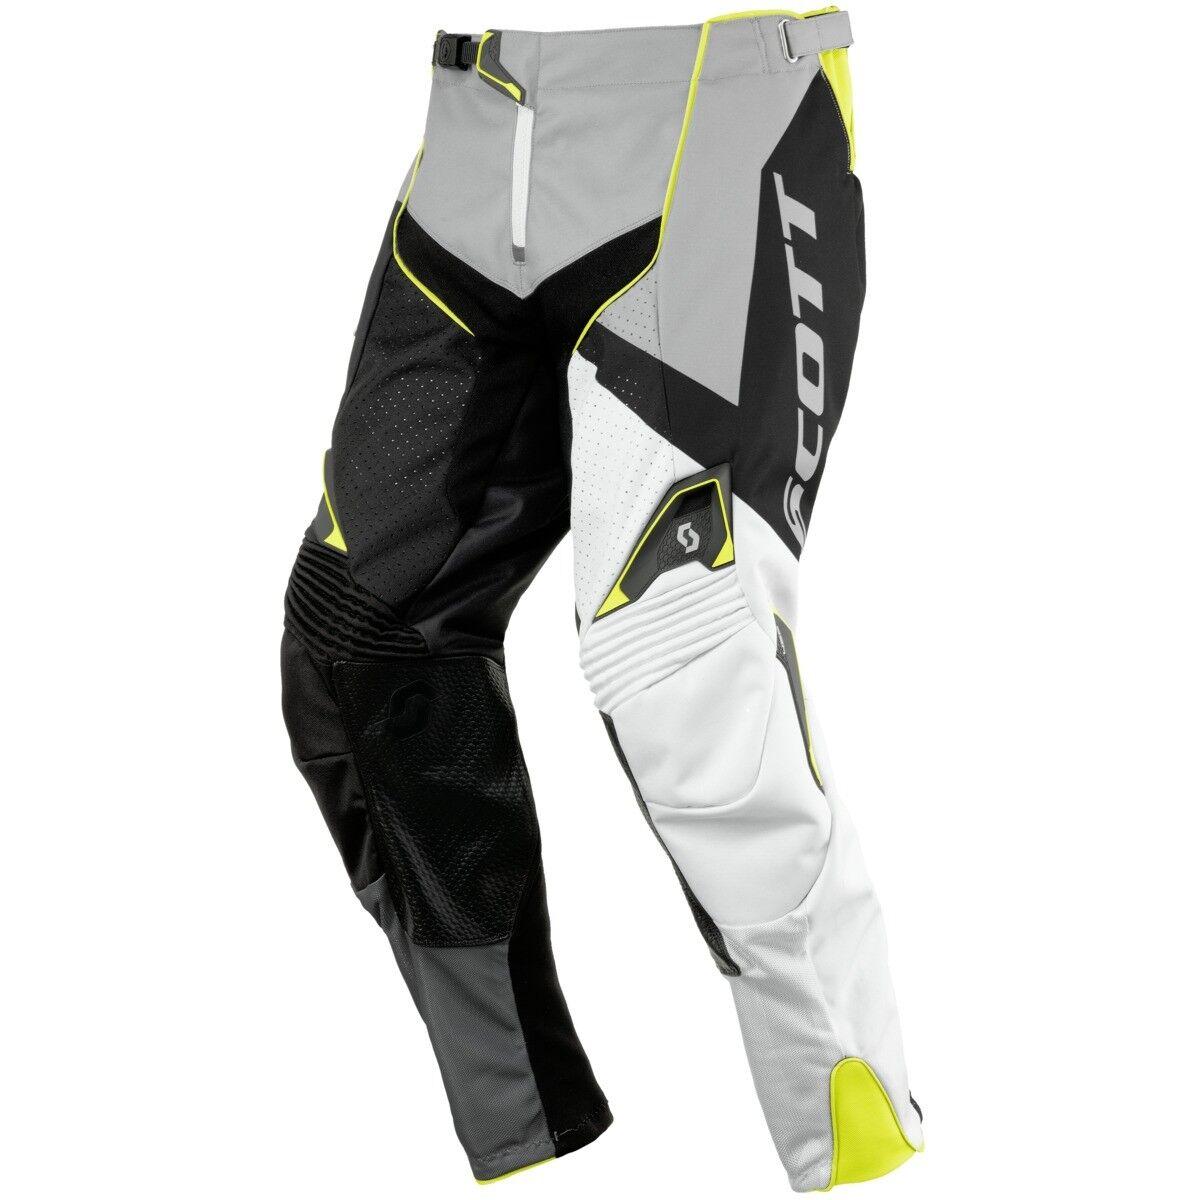 Scott 450 podio MX  motocross dh bicicleta pantalón negro gris blancoo 2016  comprar ahora